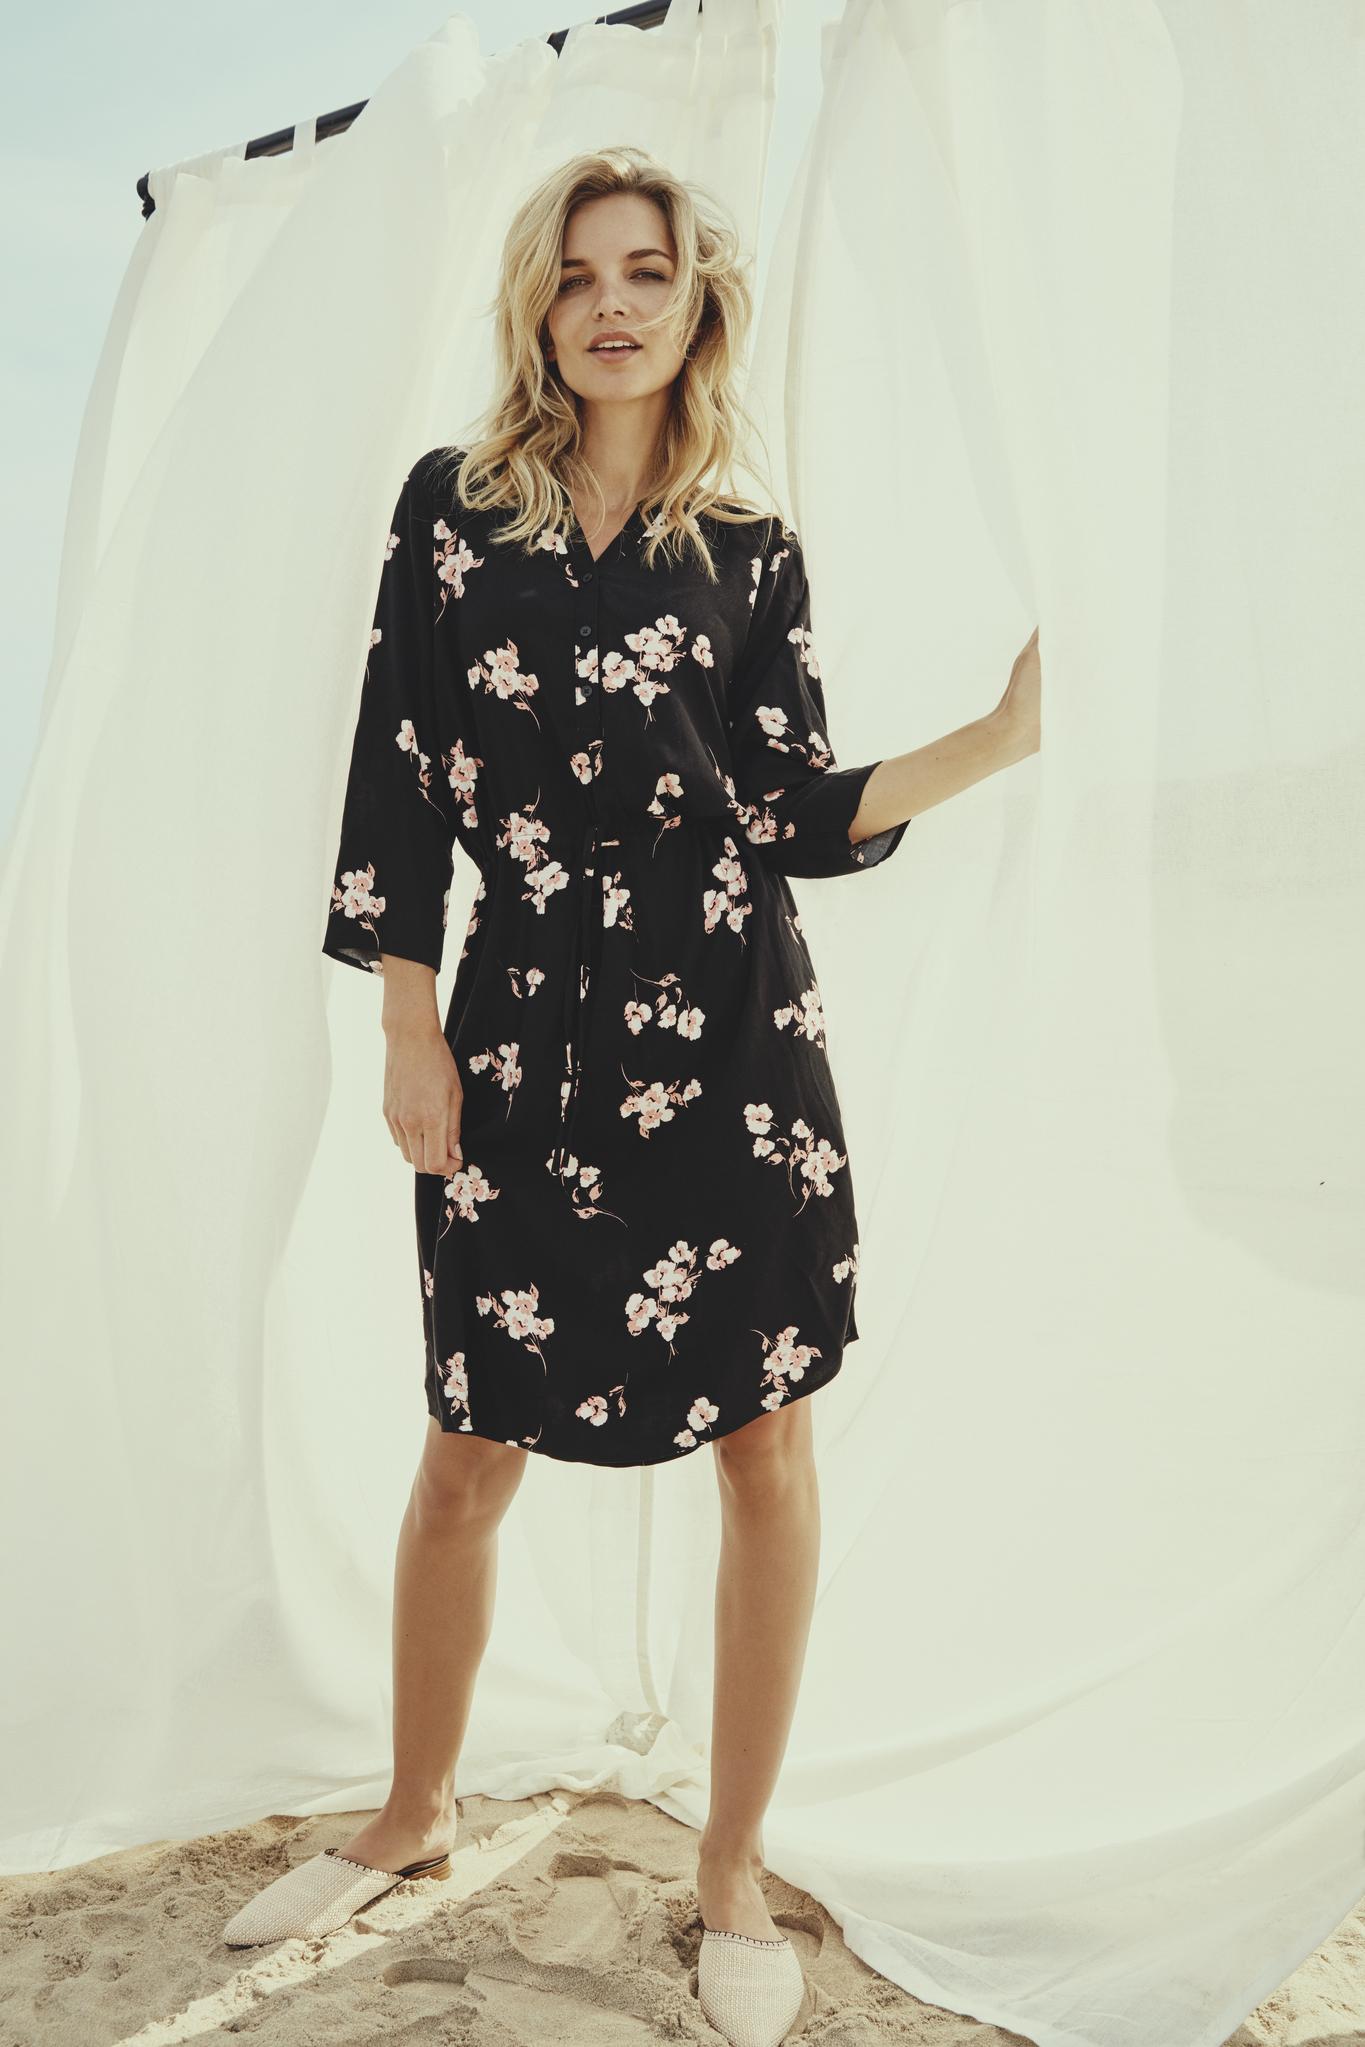 Vestido floral Byoung negro 20807853 (1)